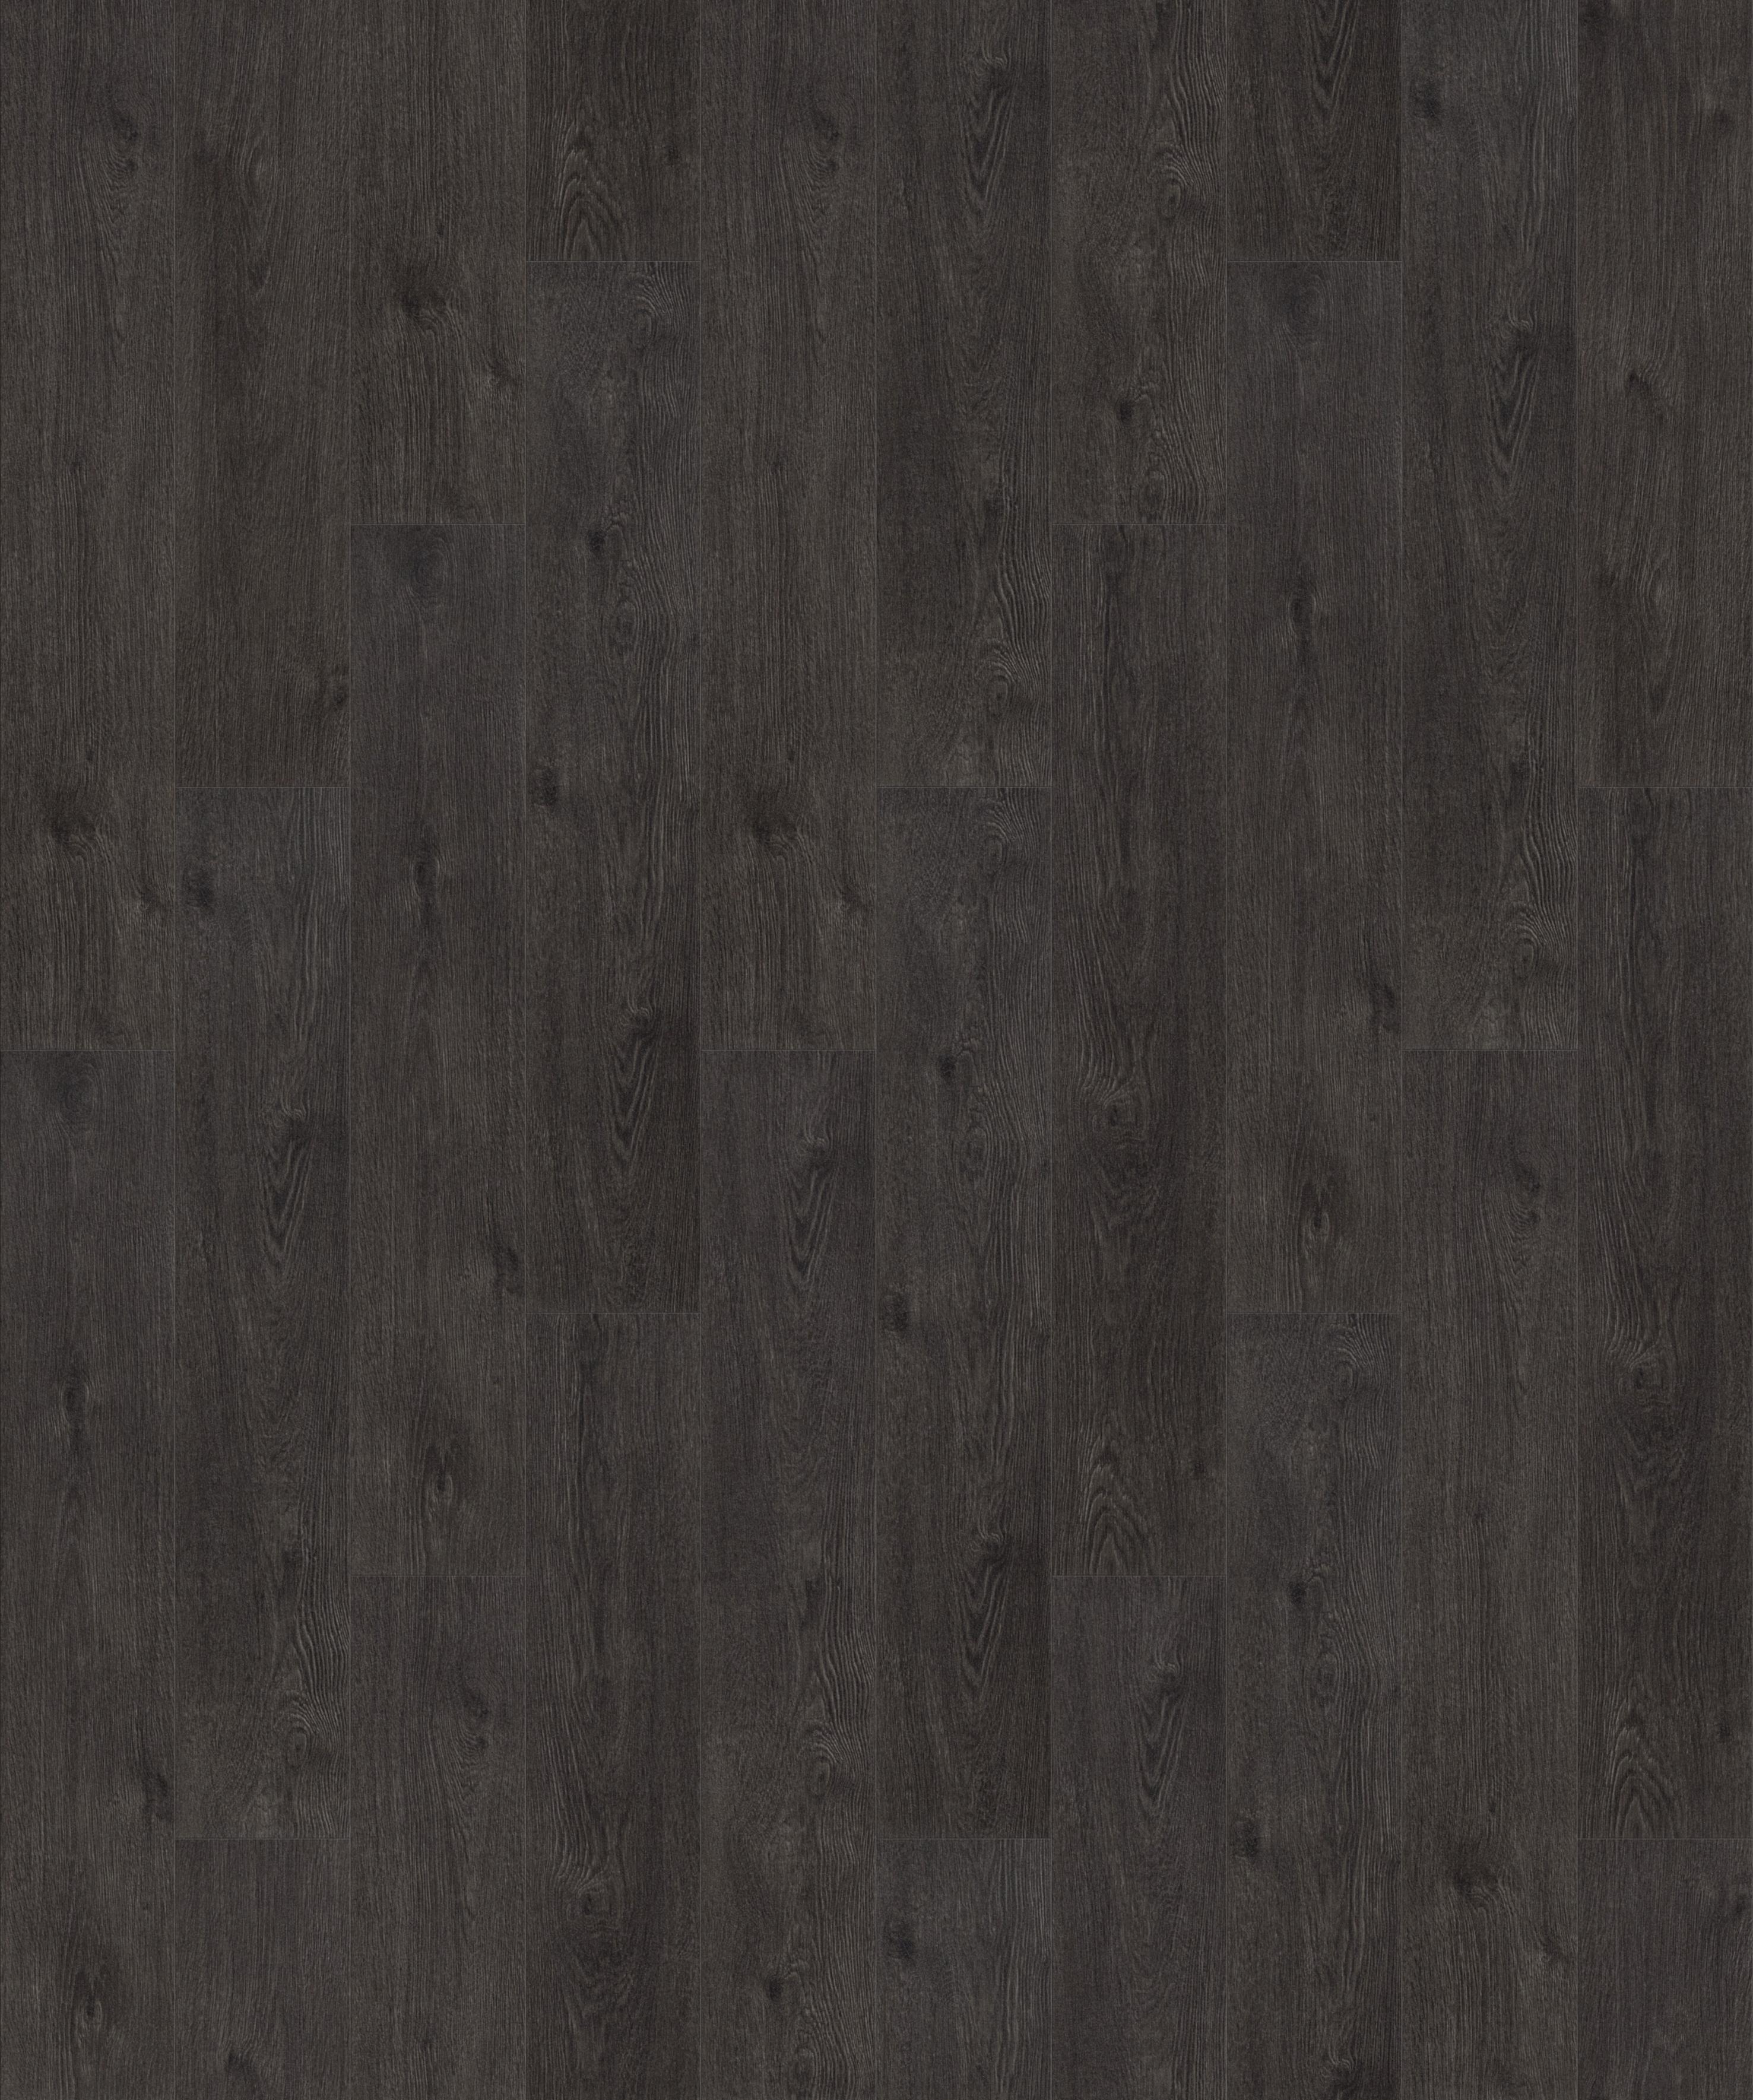 Allura Click Decibel Forbo Flooring Systems